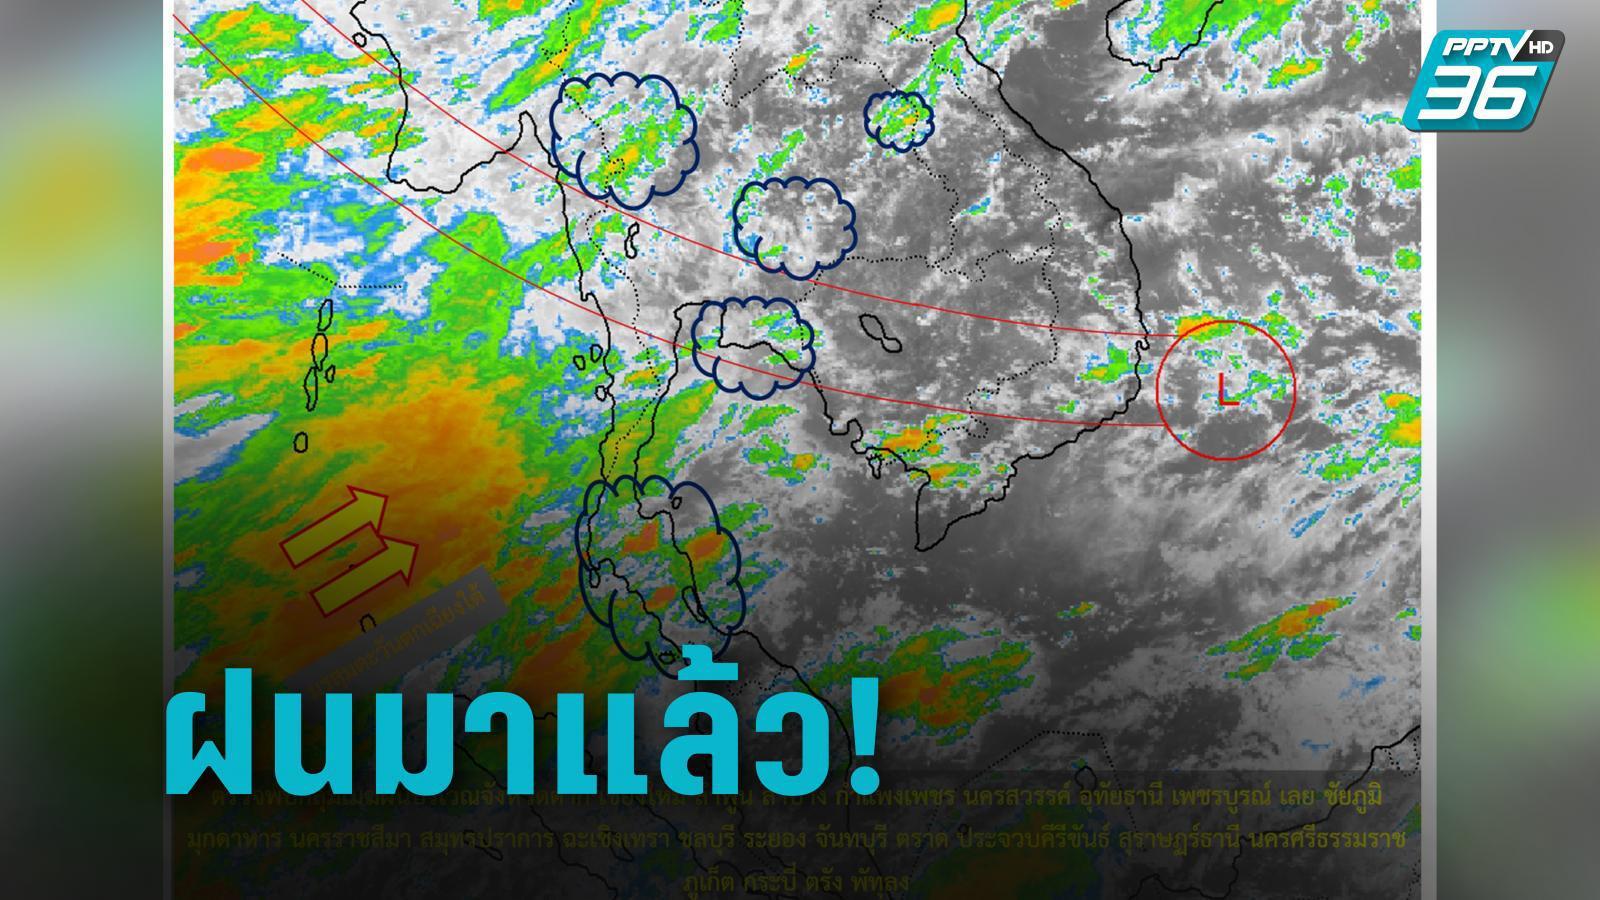 คนกรุงเตรียม! กรมอุตุฯ เตือน ไทยฝนตกหนัก กทม.ฟ้าคะนอง 60 %